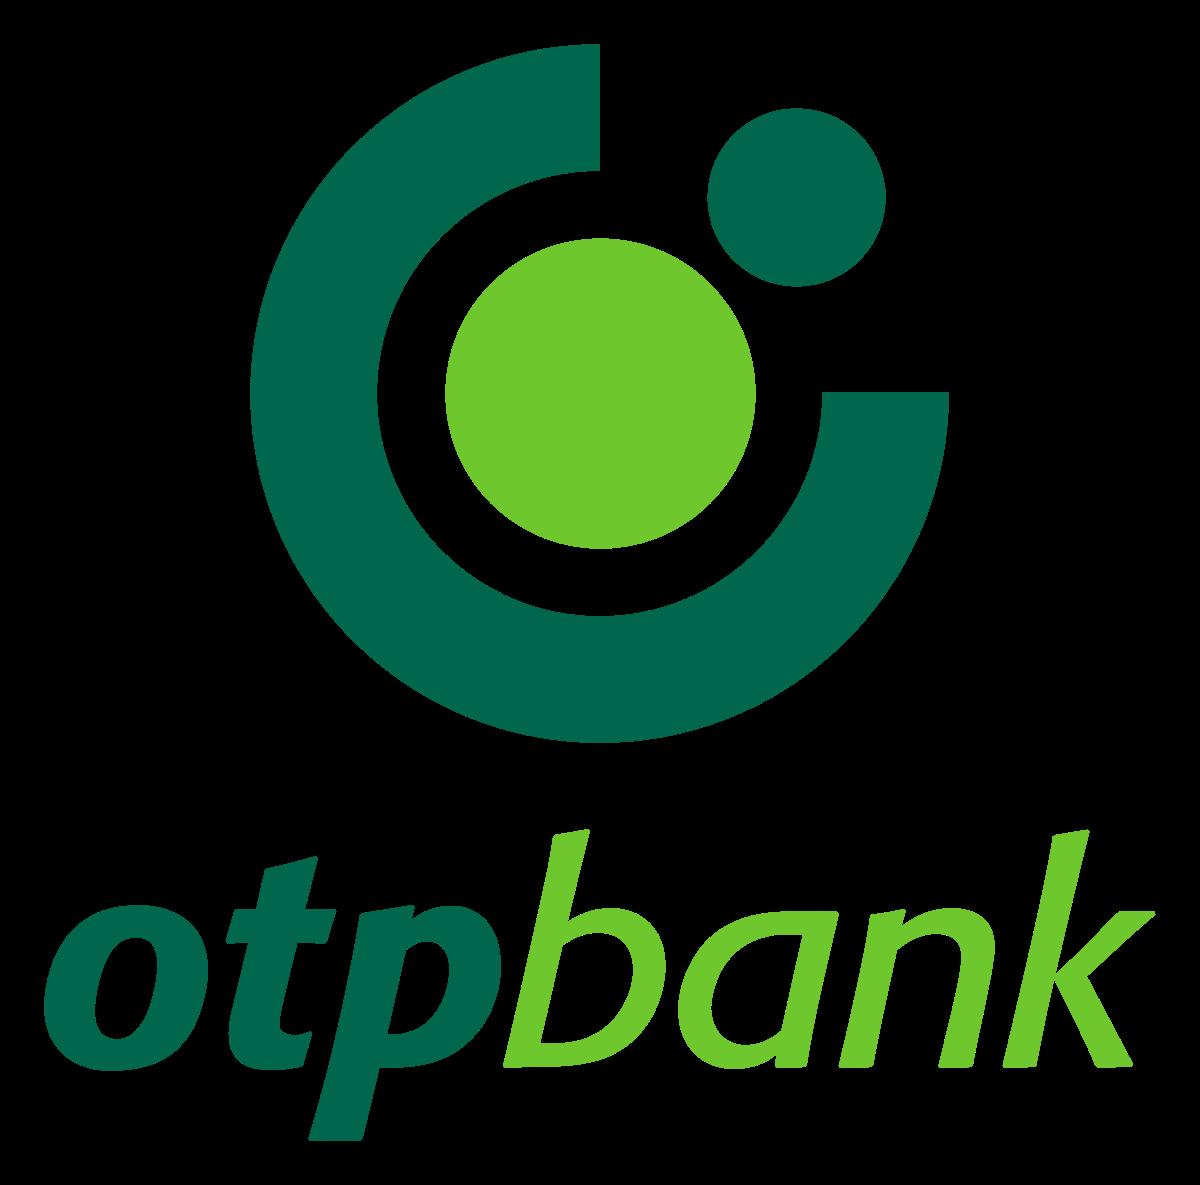 как проверить кредит в отп банке